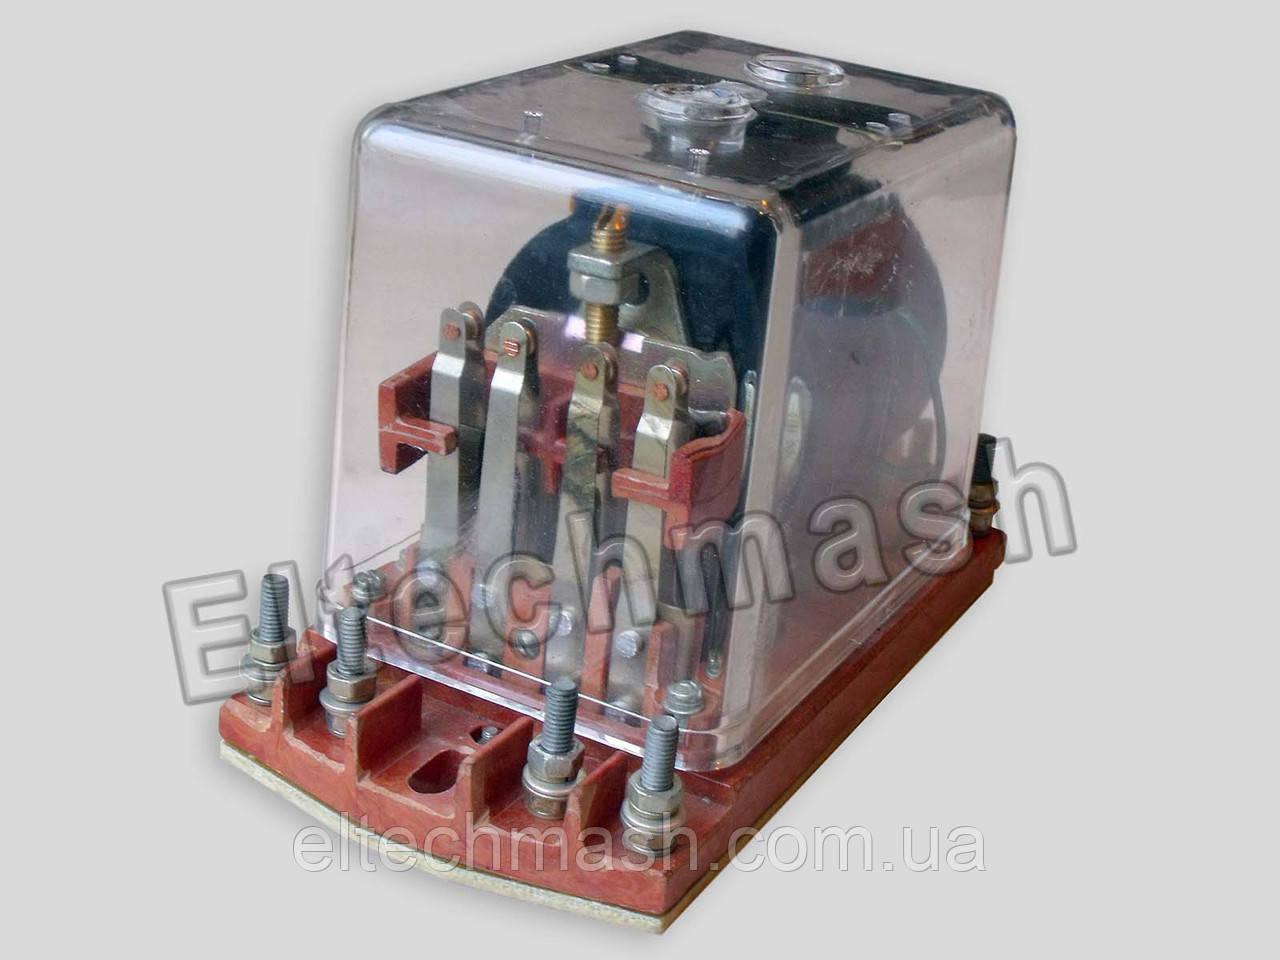 Реле электромагнитное РМ-2112 У2 (12В), ИАКВ.647115.046-24